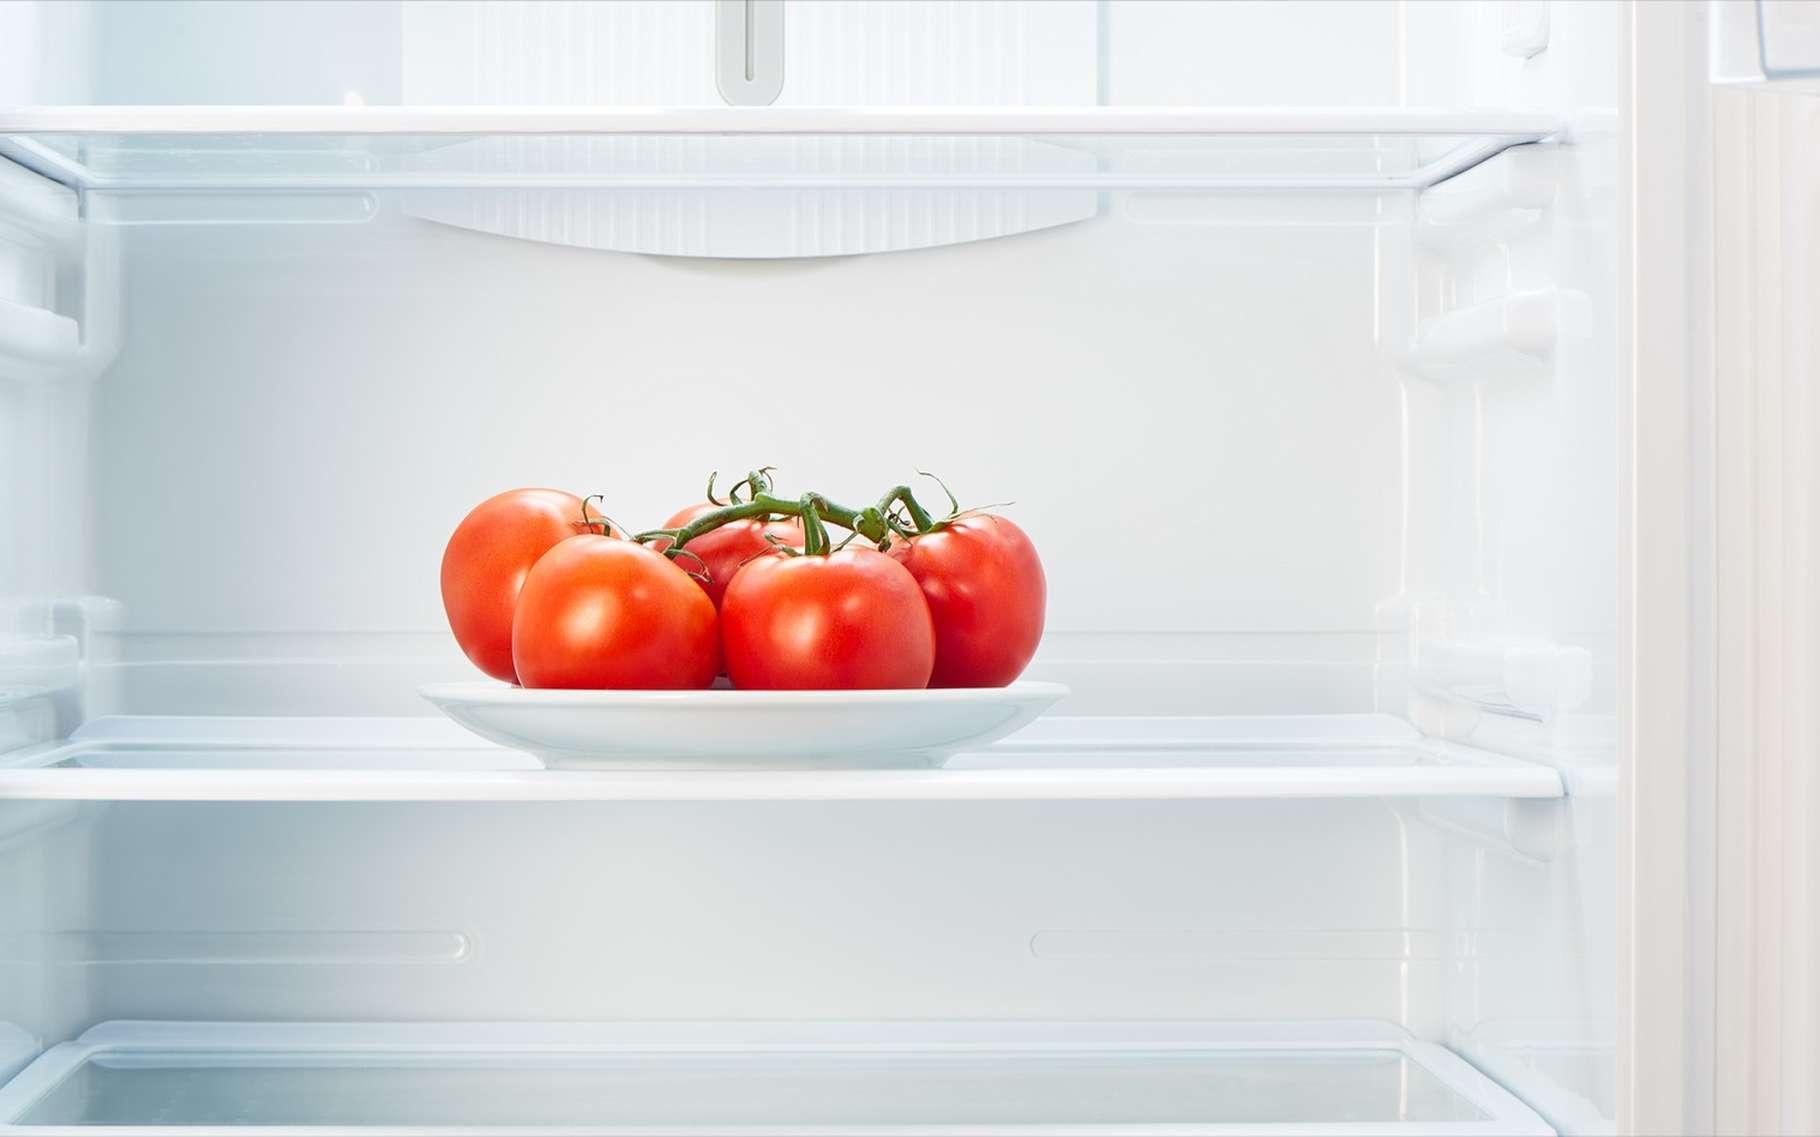 La tomate perd de ses arômes au réfrigérateur. © Andrew Rafalsky, Shutterstock